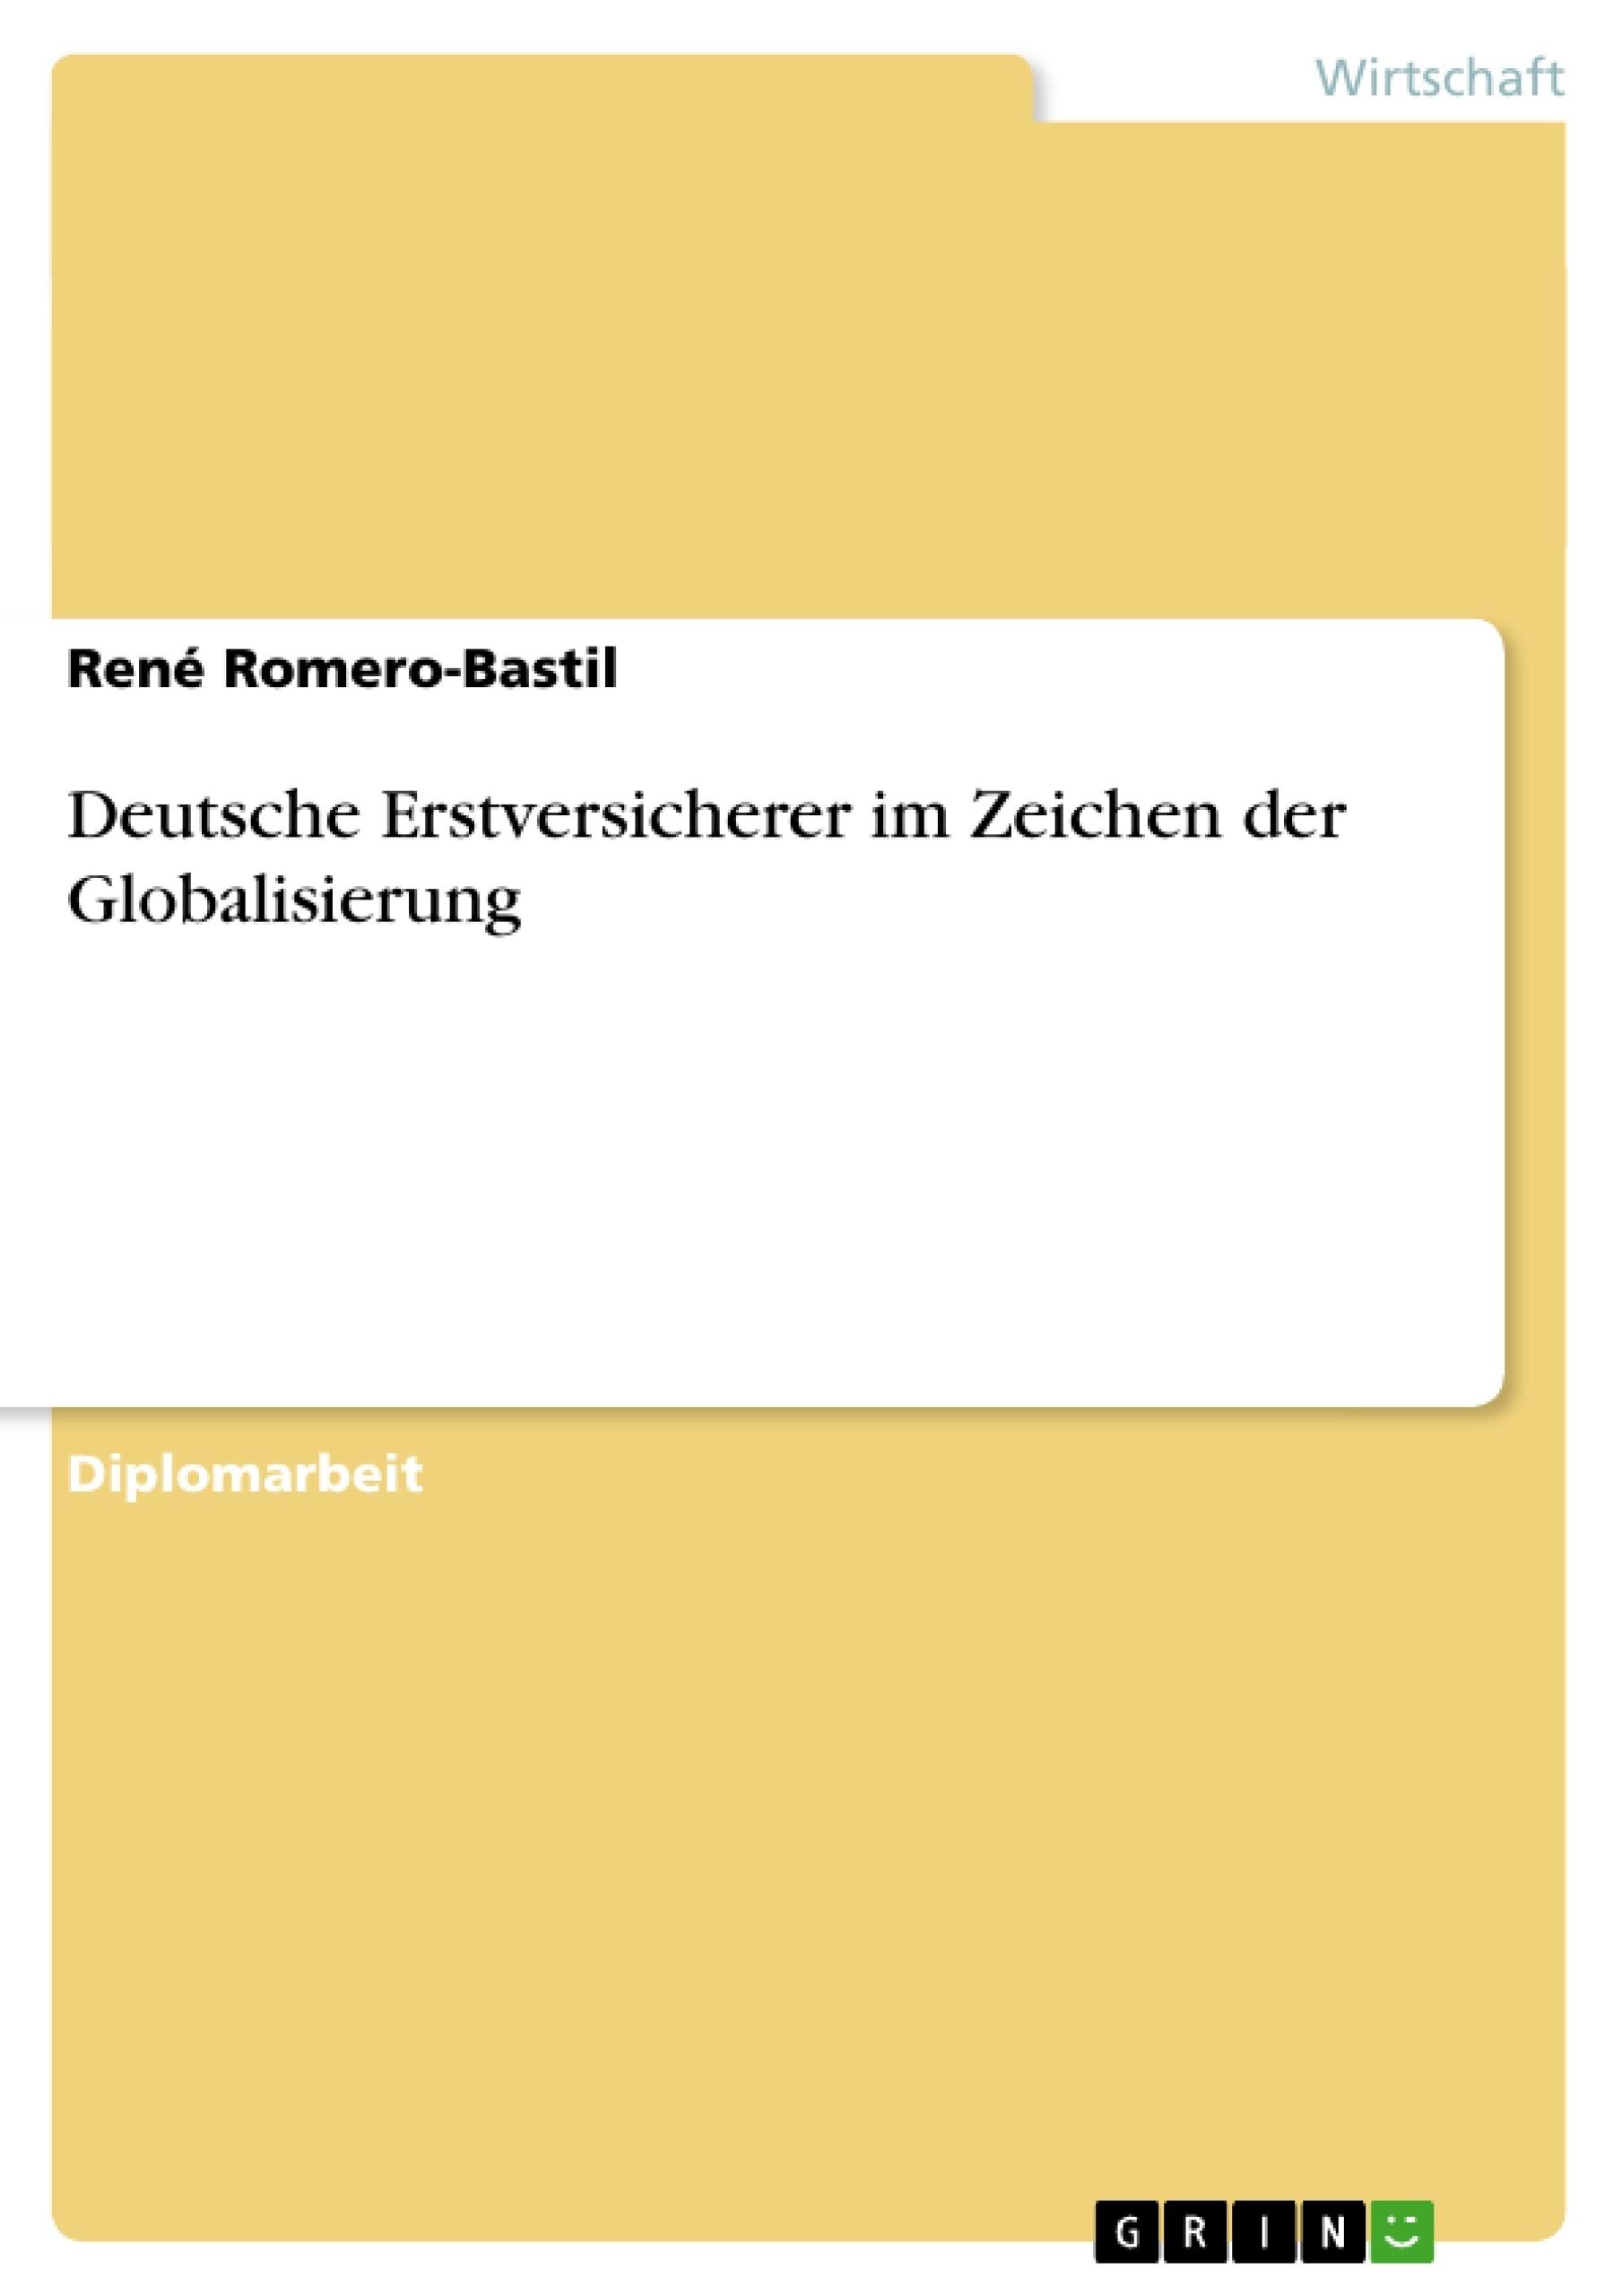 Titel: Deutsche Erstversicherer im Zeichen der Globalisierung